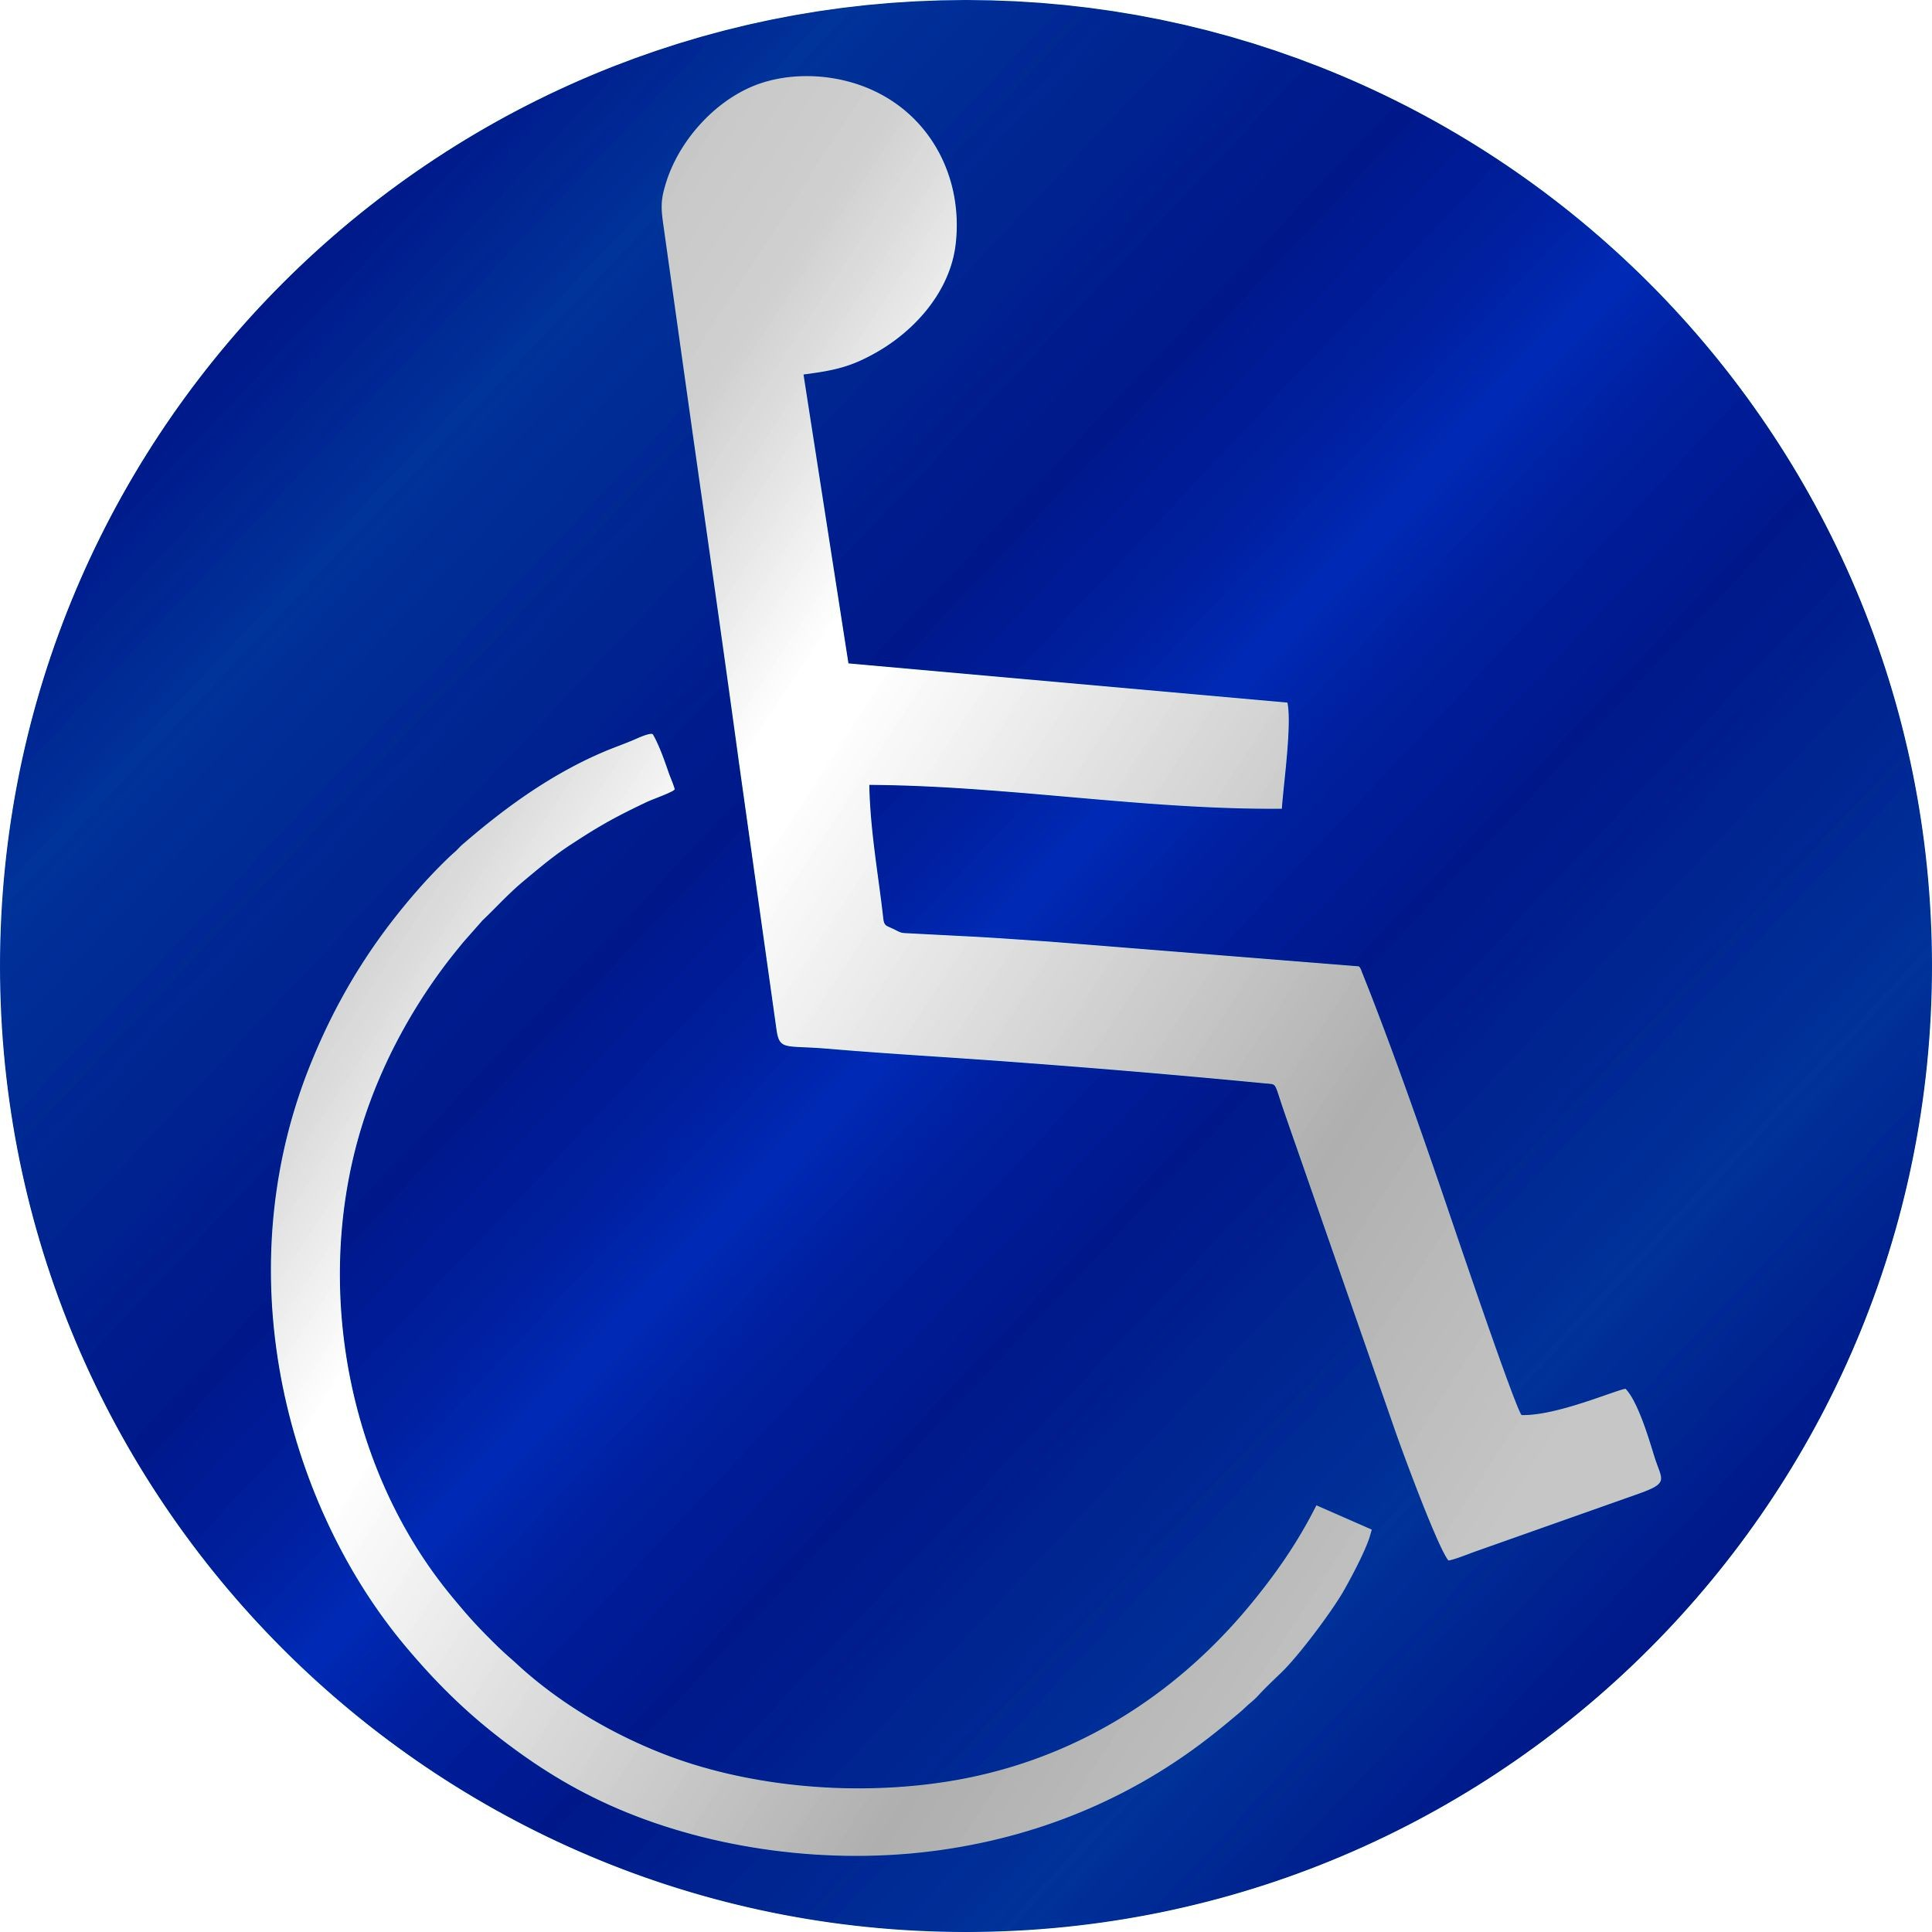 Aufkleber Behinderten-Symbol reflektierend blau – Bild 1